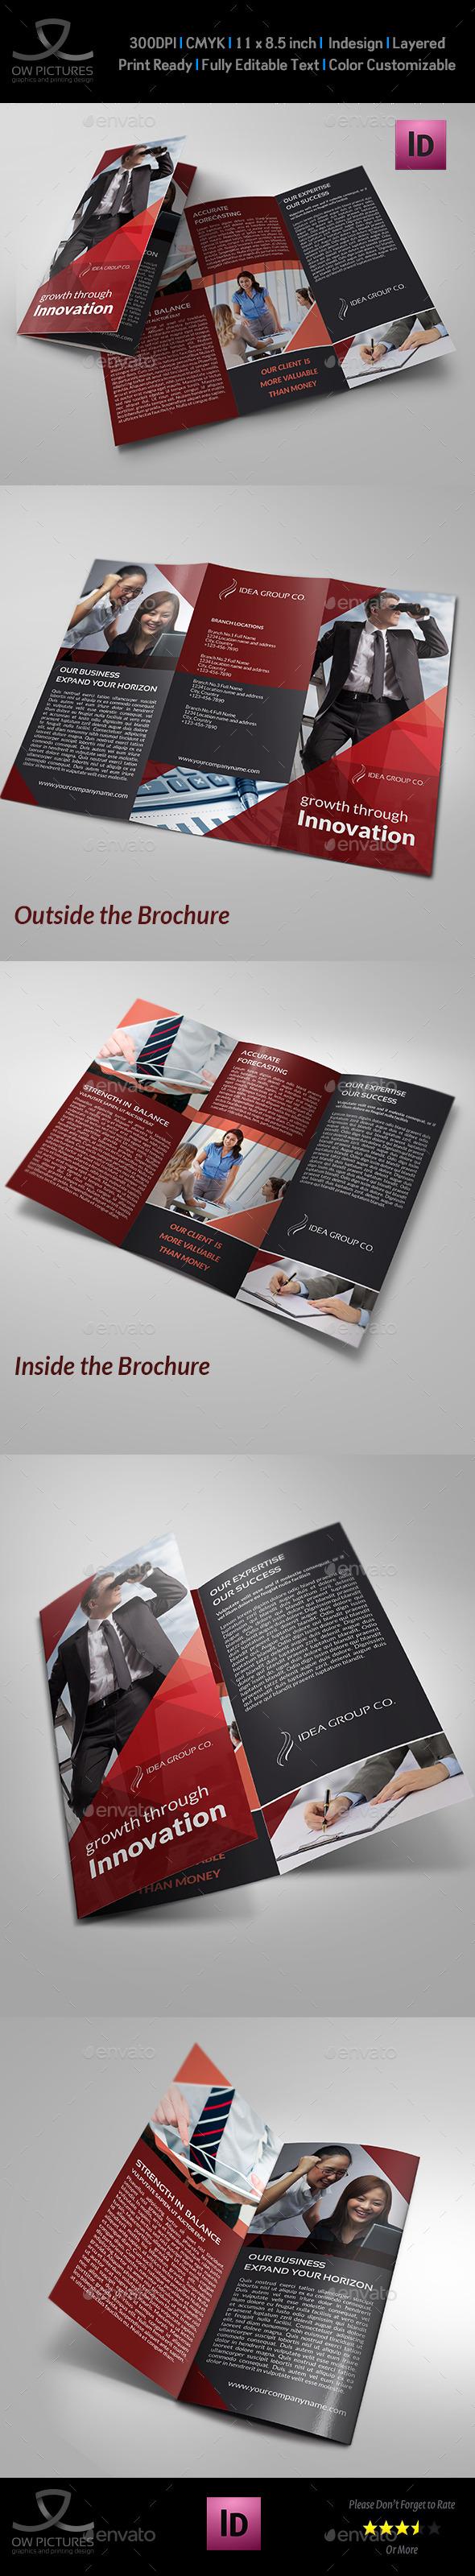 GraphicRiver Corporate Business Tri-Fold Brochure Vol.17 9433224